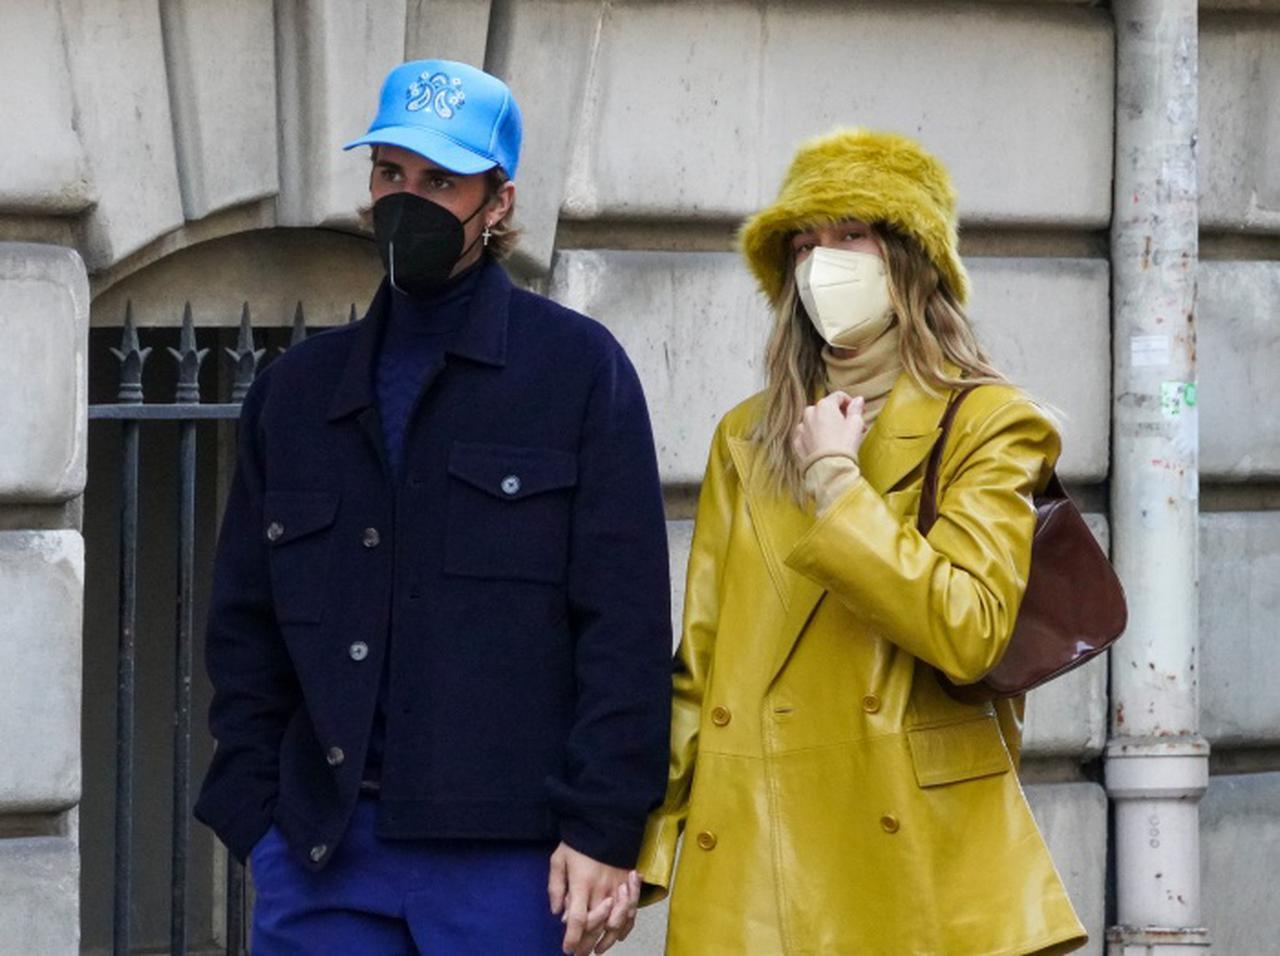 画像: ジャスティン・ビーバー、妻と足元を「ナイキ エアフォース1」でそろえたカップルコーデを披露 - フロントロウ -海外セレブ情報を発信